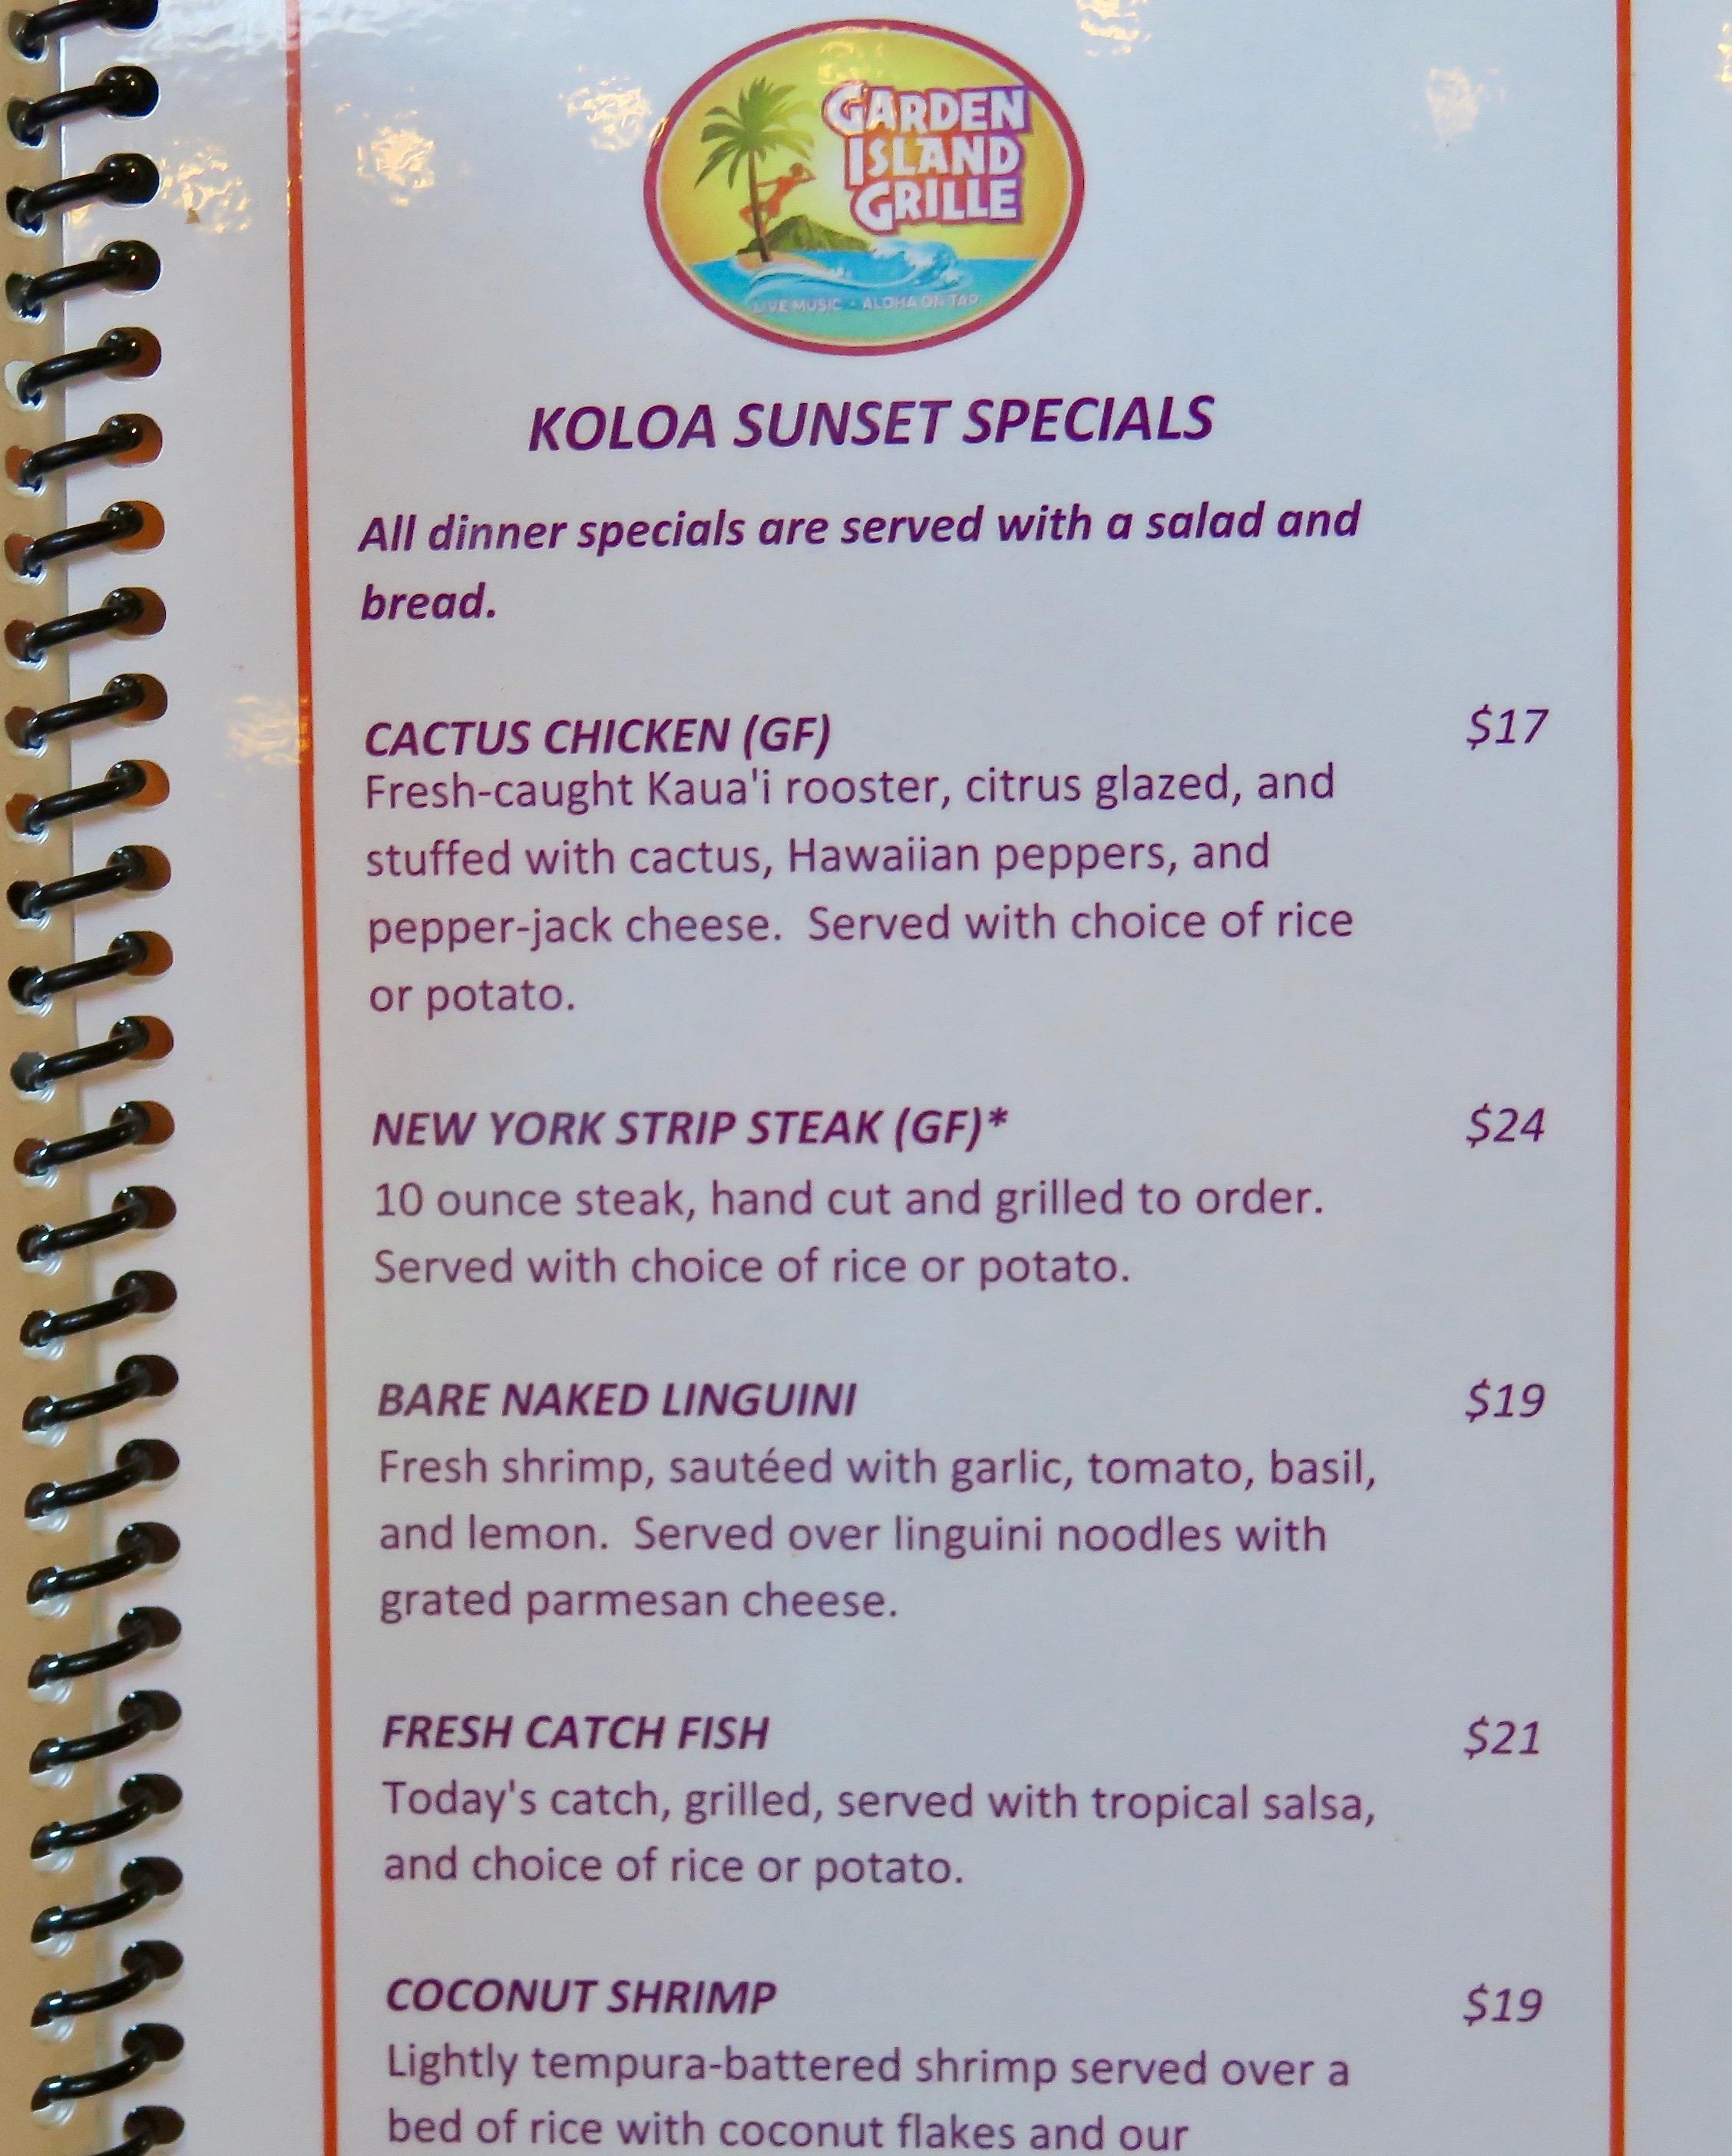 menu-offering-feral-chicken-in-kauai